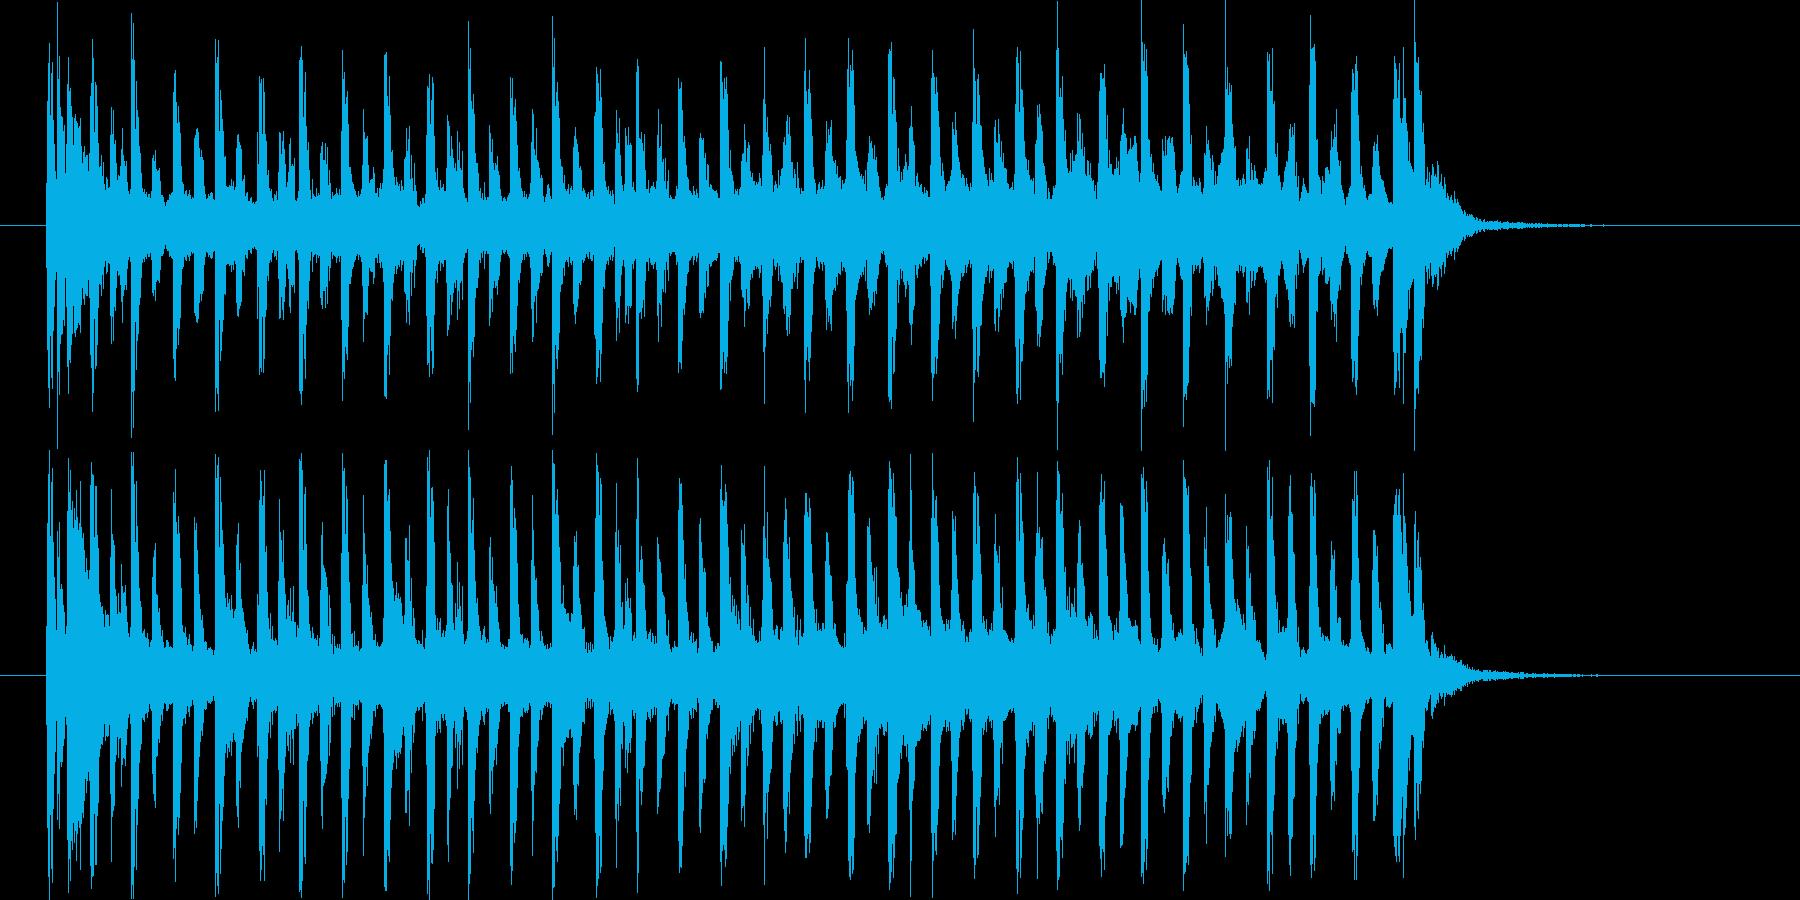 リズミカルでエレクトーンが印象的なBGMの再生済みの波形